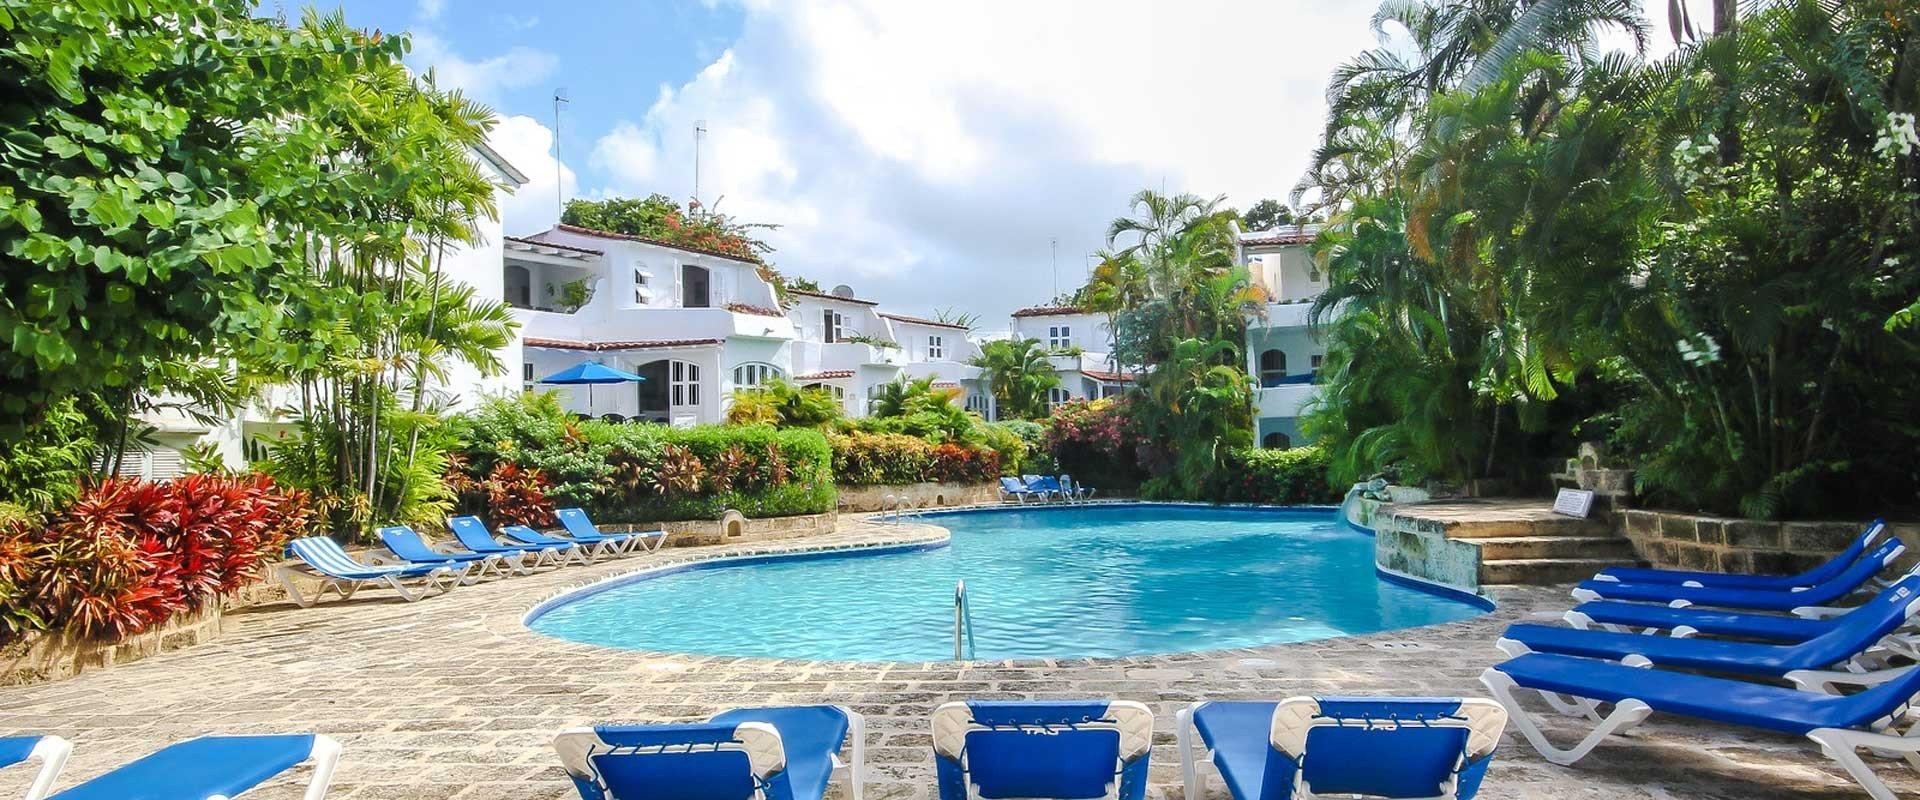 Merlin Bay Gingerbread Barbados